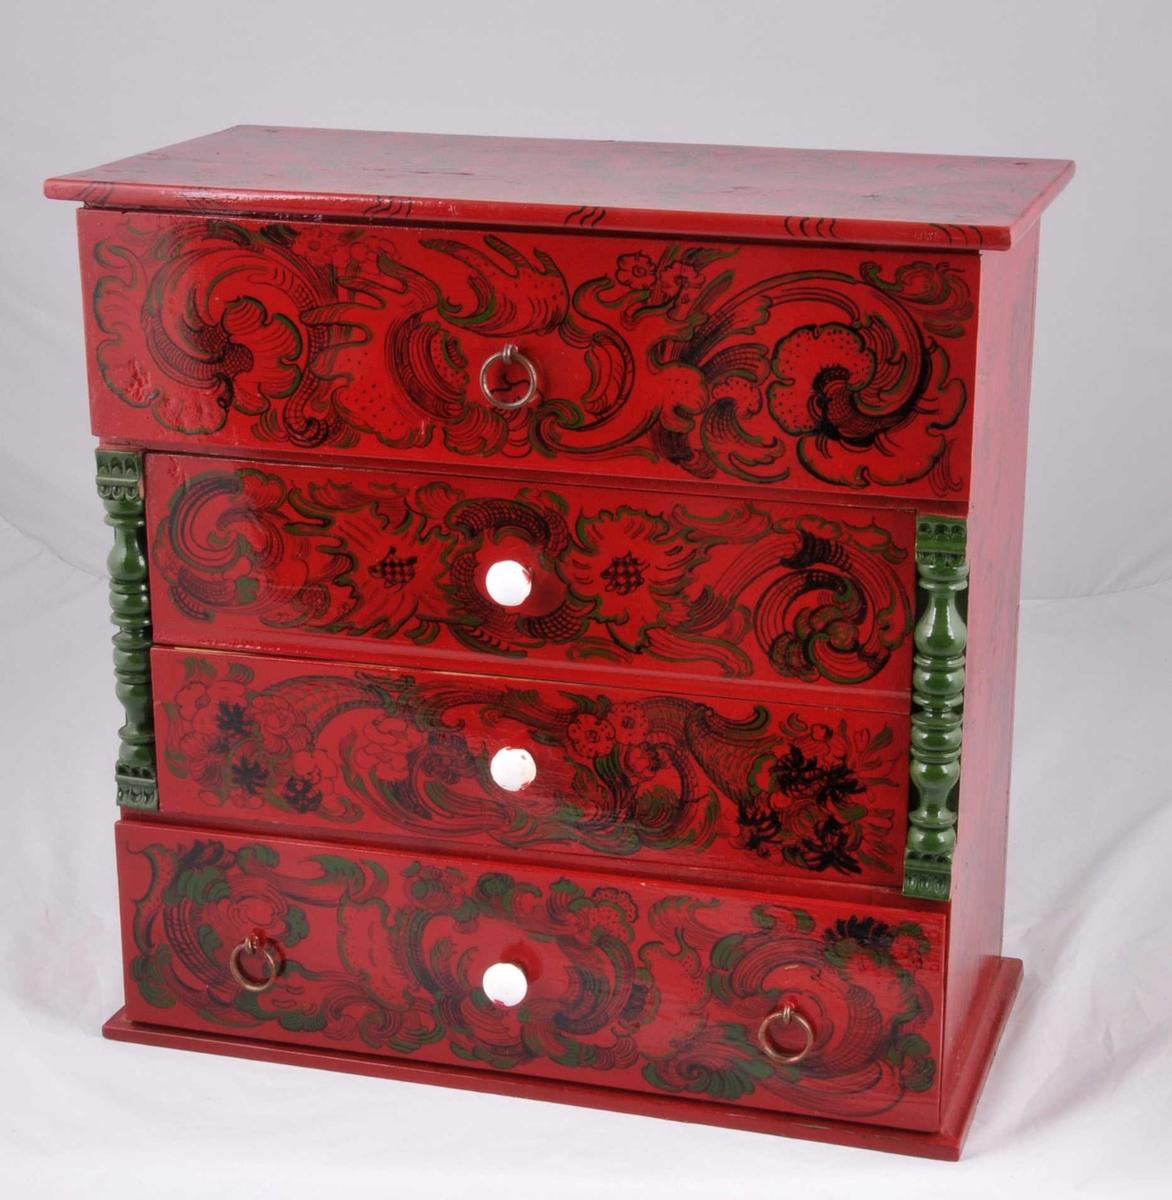 Liten komode, dreia søyler i kvar side av front, fire skuffar med porselensknott eller ring som handtak. Raud botnfarge med dekor i svart og grønt.